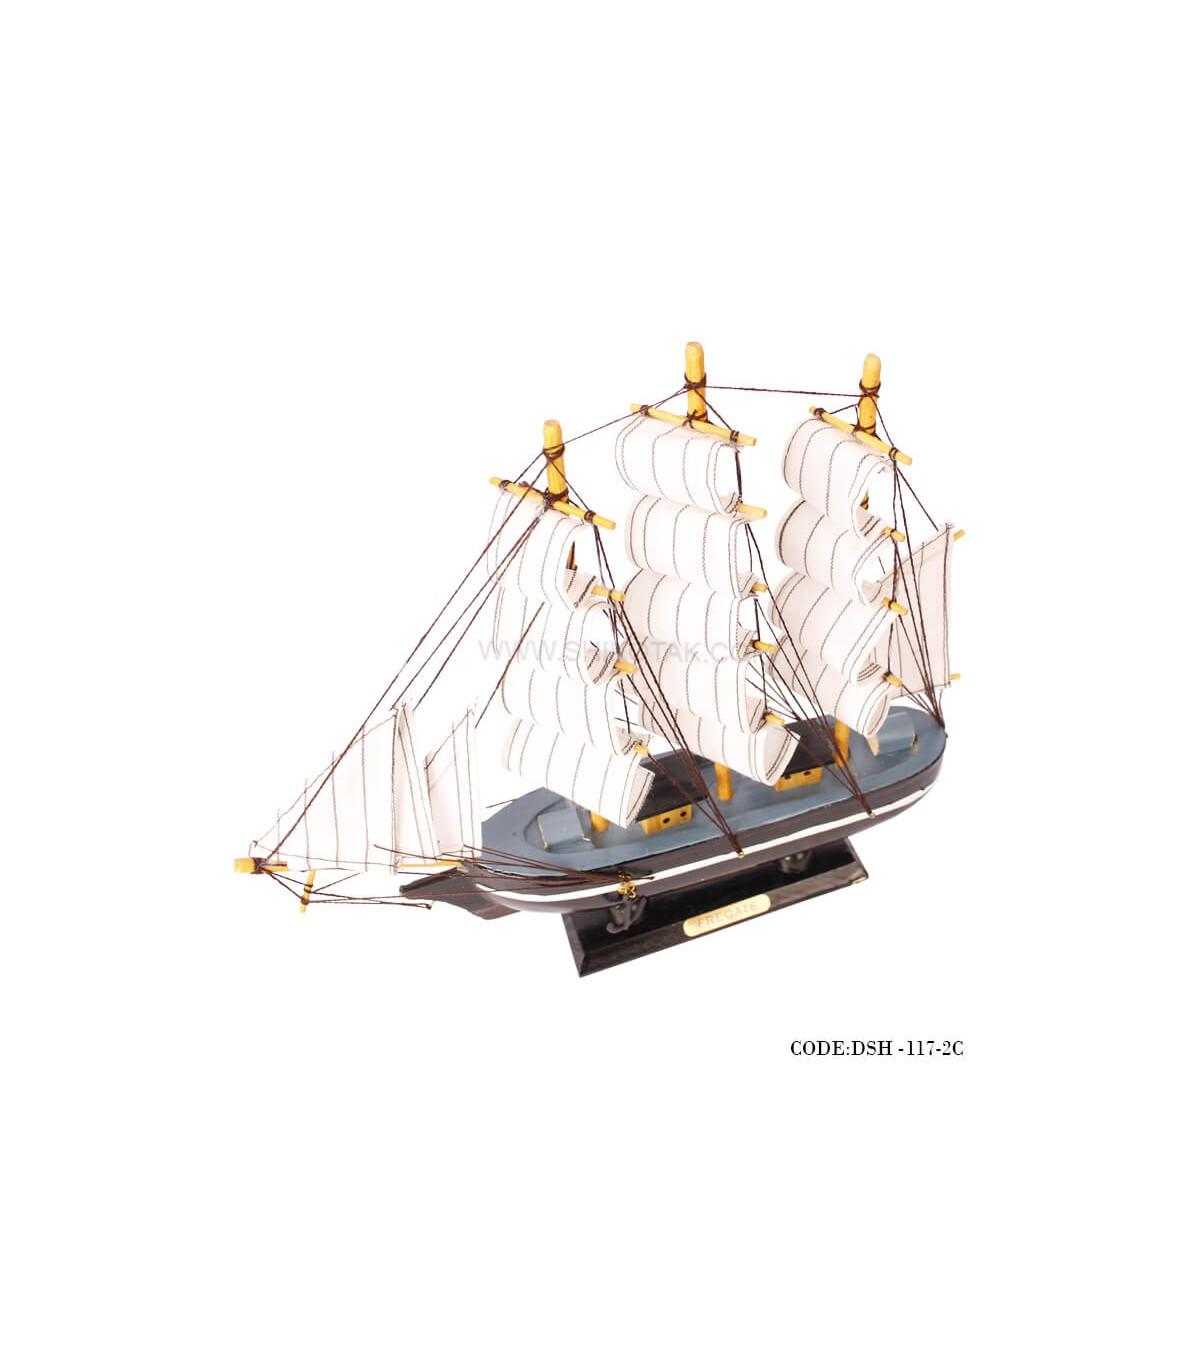 عکس کشتی بادبانی زیبا سری C